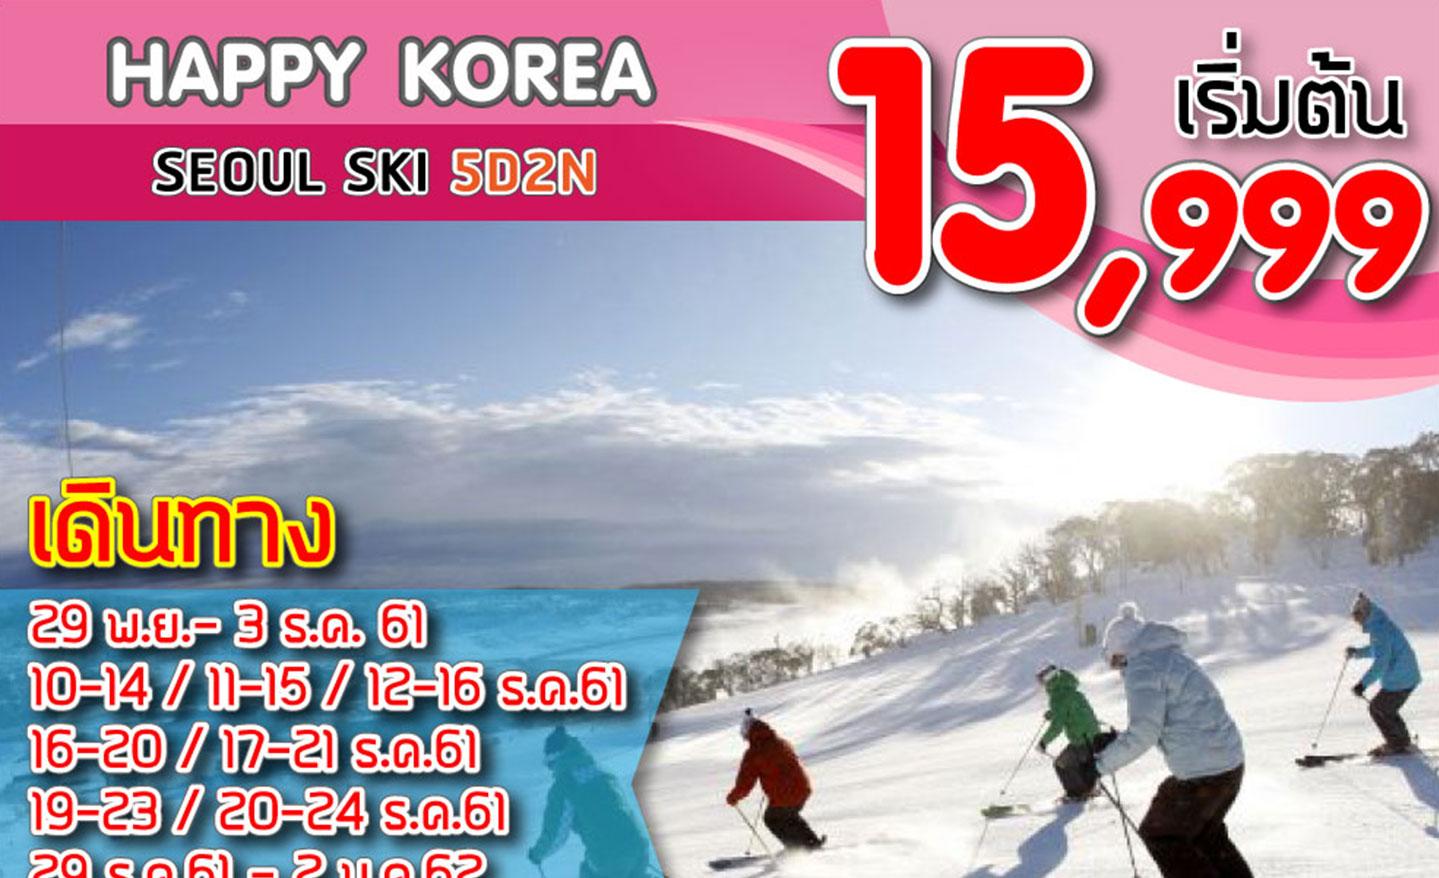 ทัวร์เกาหลี Seoul Ski 5D2N (ธ.ค.61)